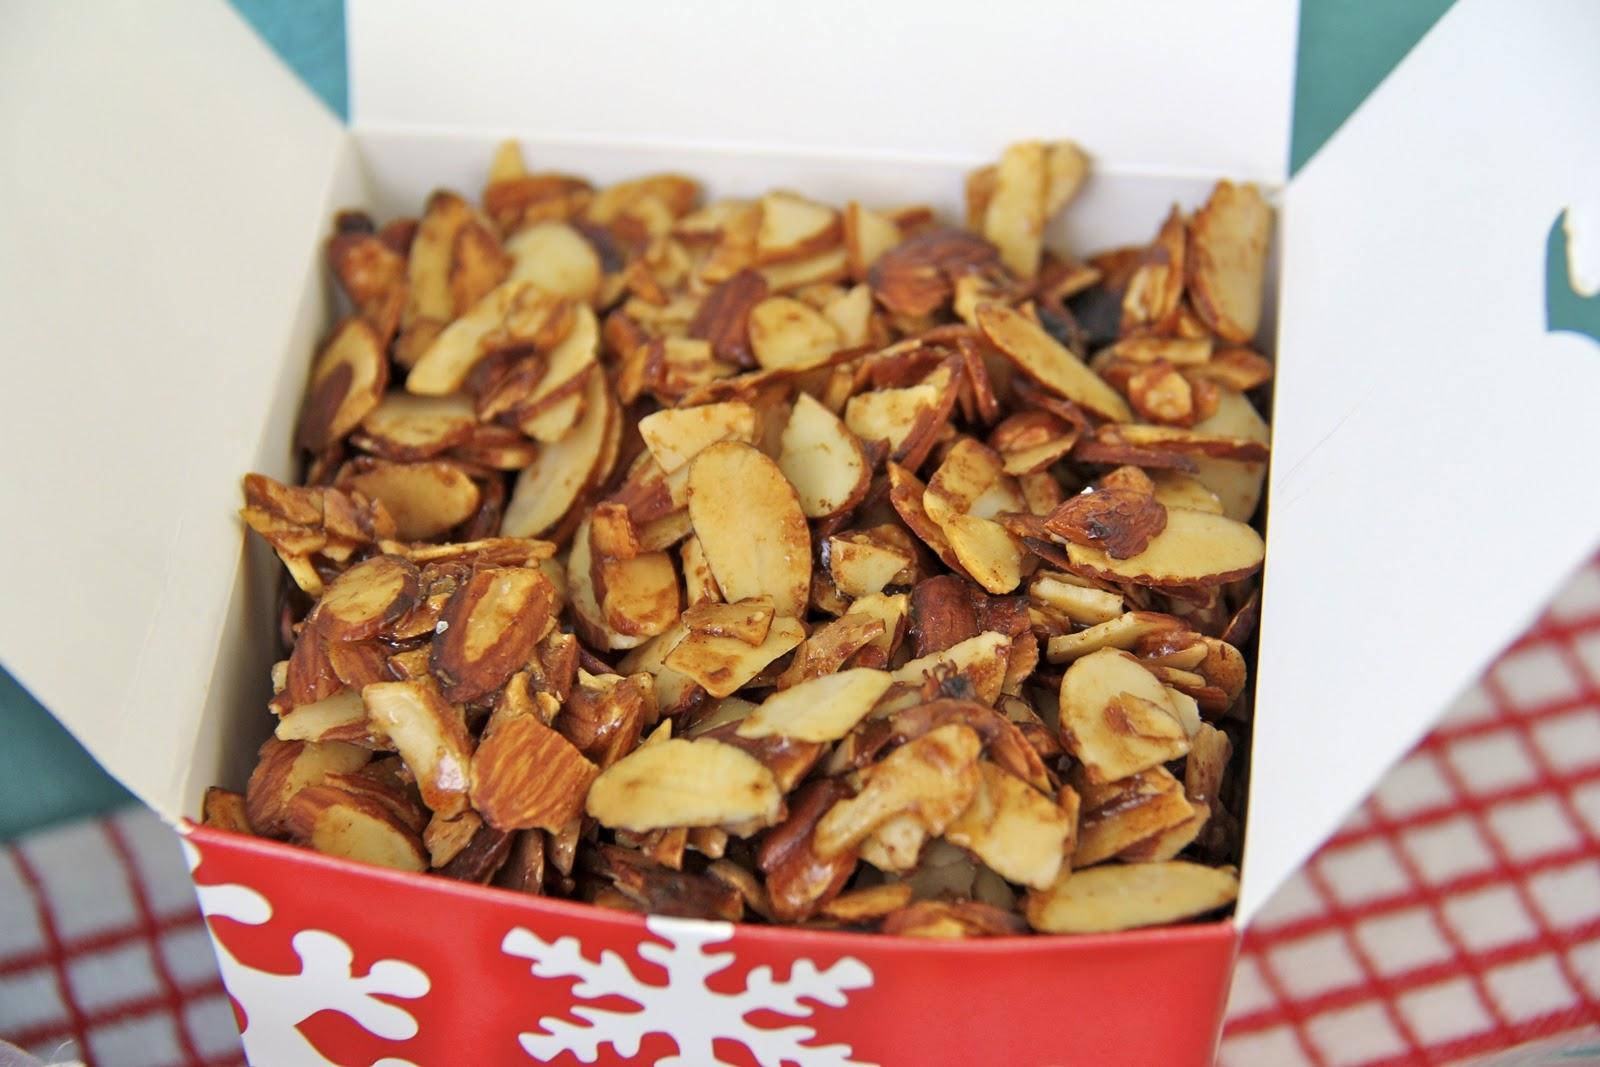 Candied Seven Spice Almonds Recipes — Dishmaps